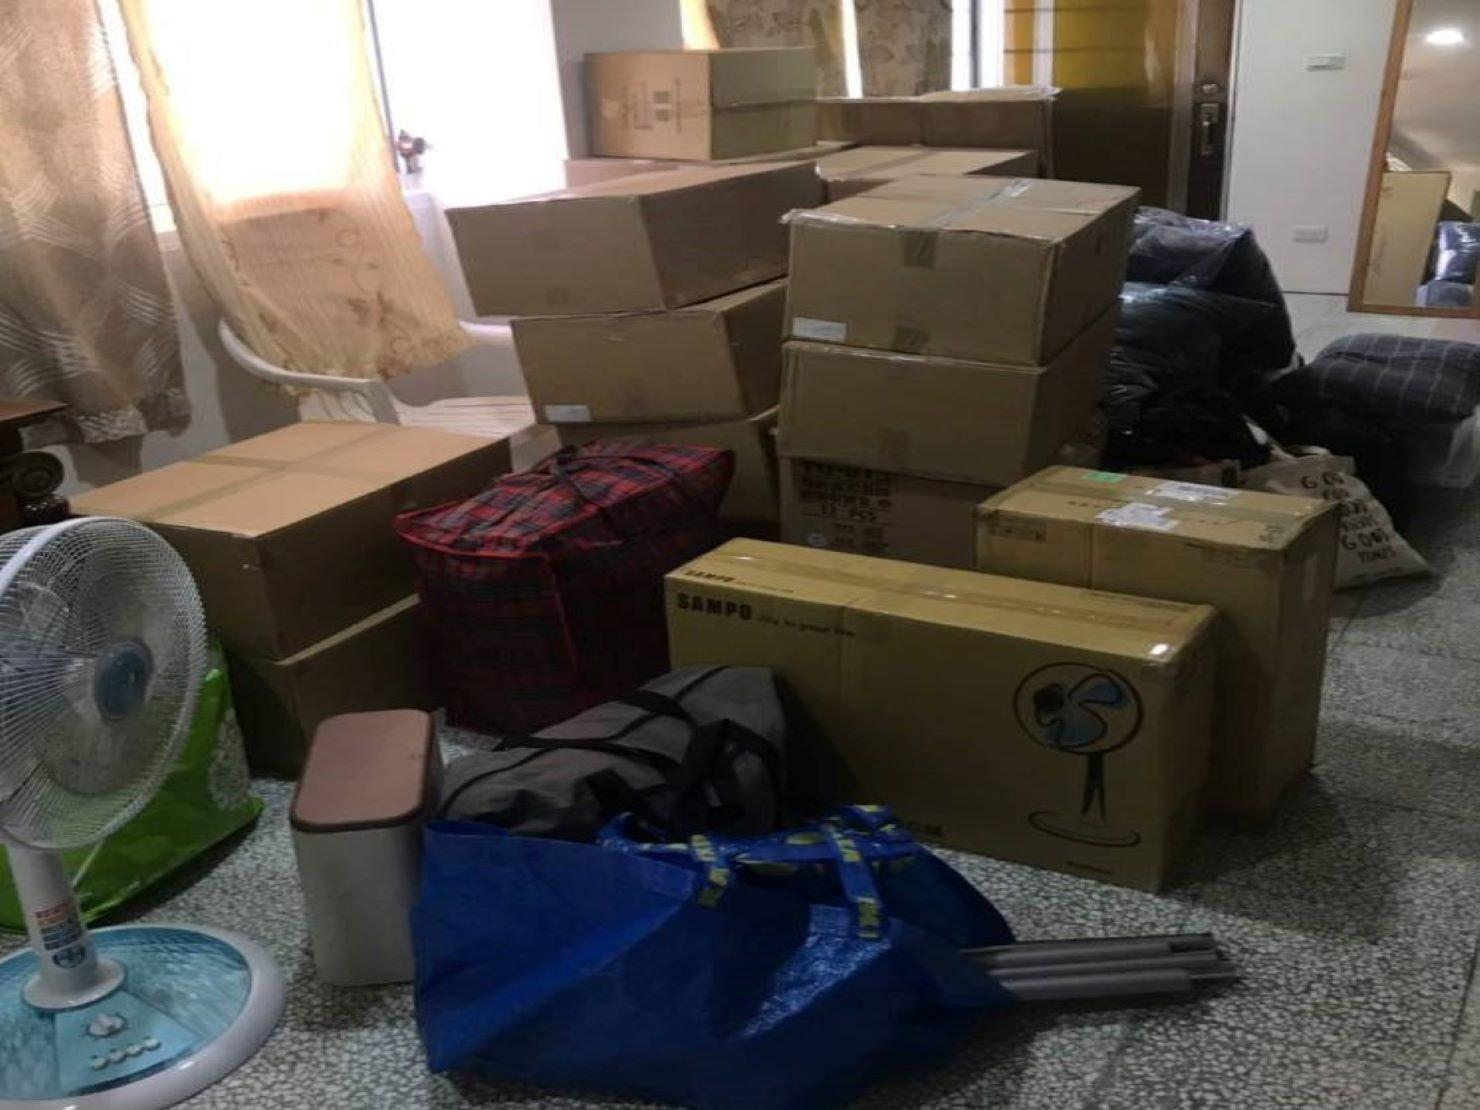 搬家【榮福搬家】台北搬家、南港搬家、口碑第一、台北搬家推薦:分區打包-客廳區的打包